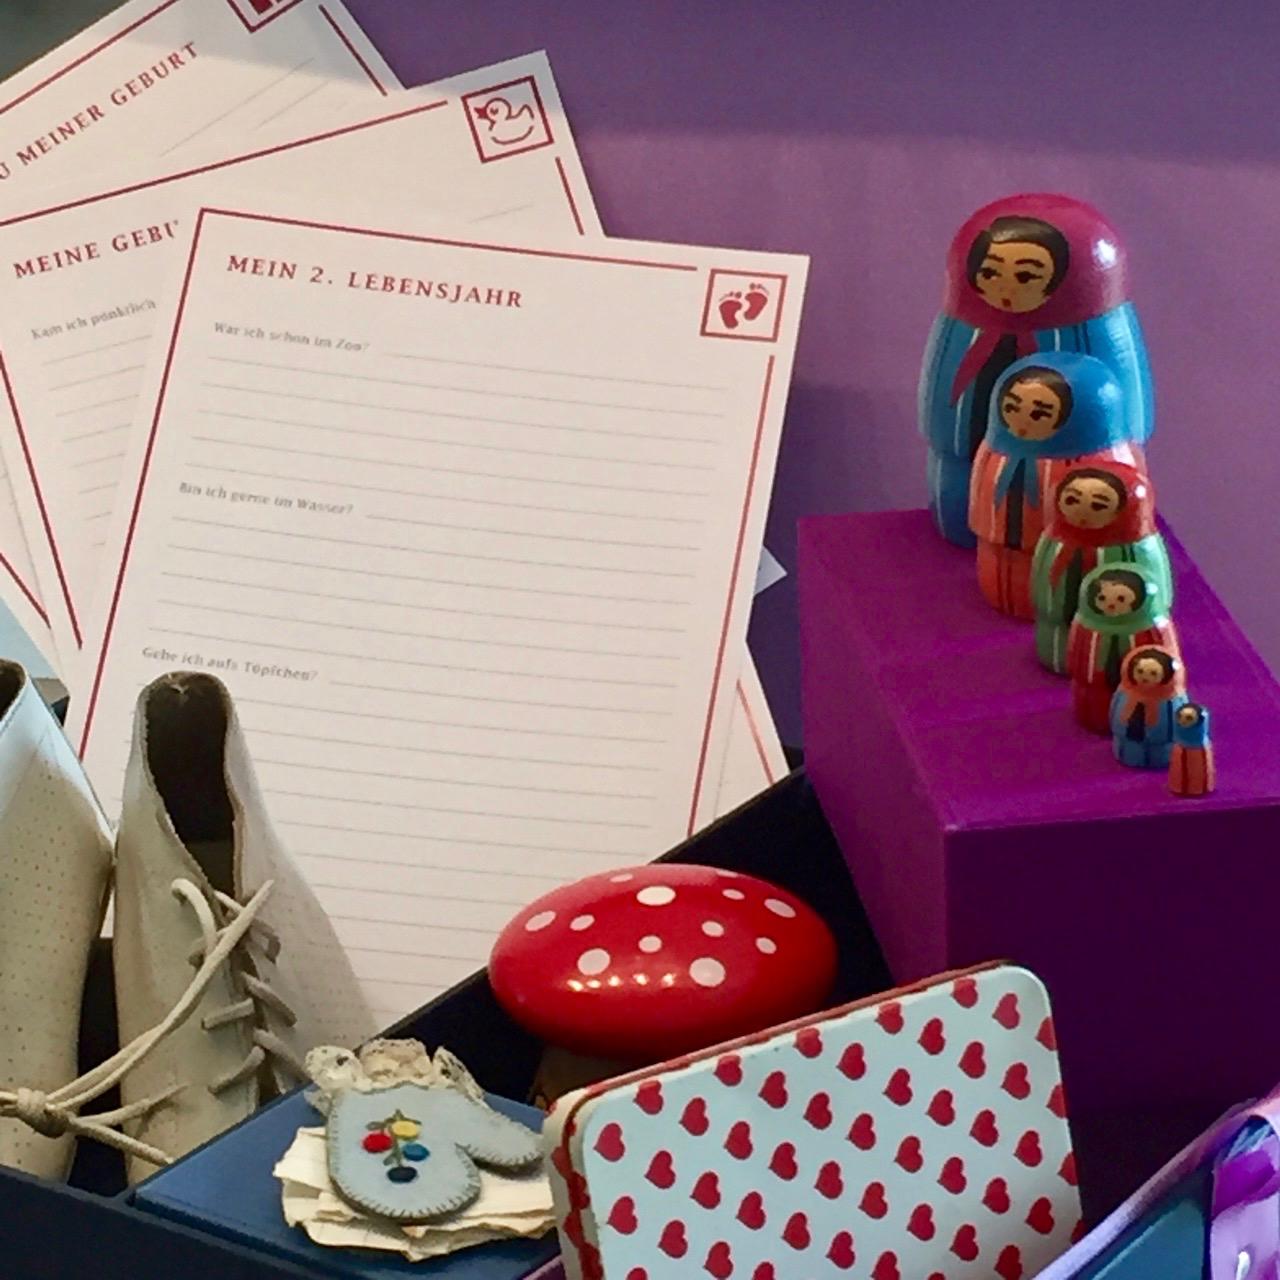 memoryboxx, Aufbewahrungskiste edel, aufbewauhrungskiste für kleine Schätze, Lifestyle Blog, Lieblingsstil.com